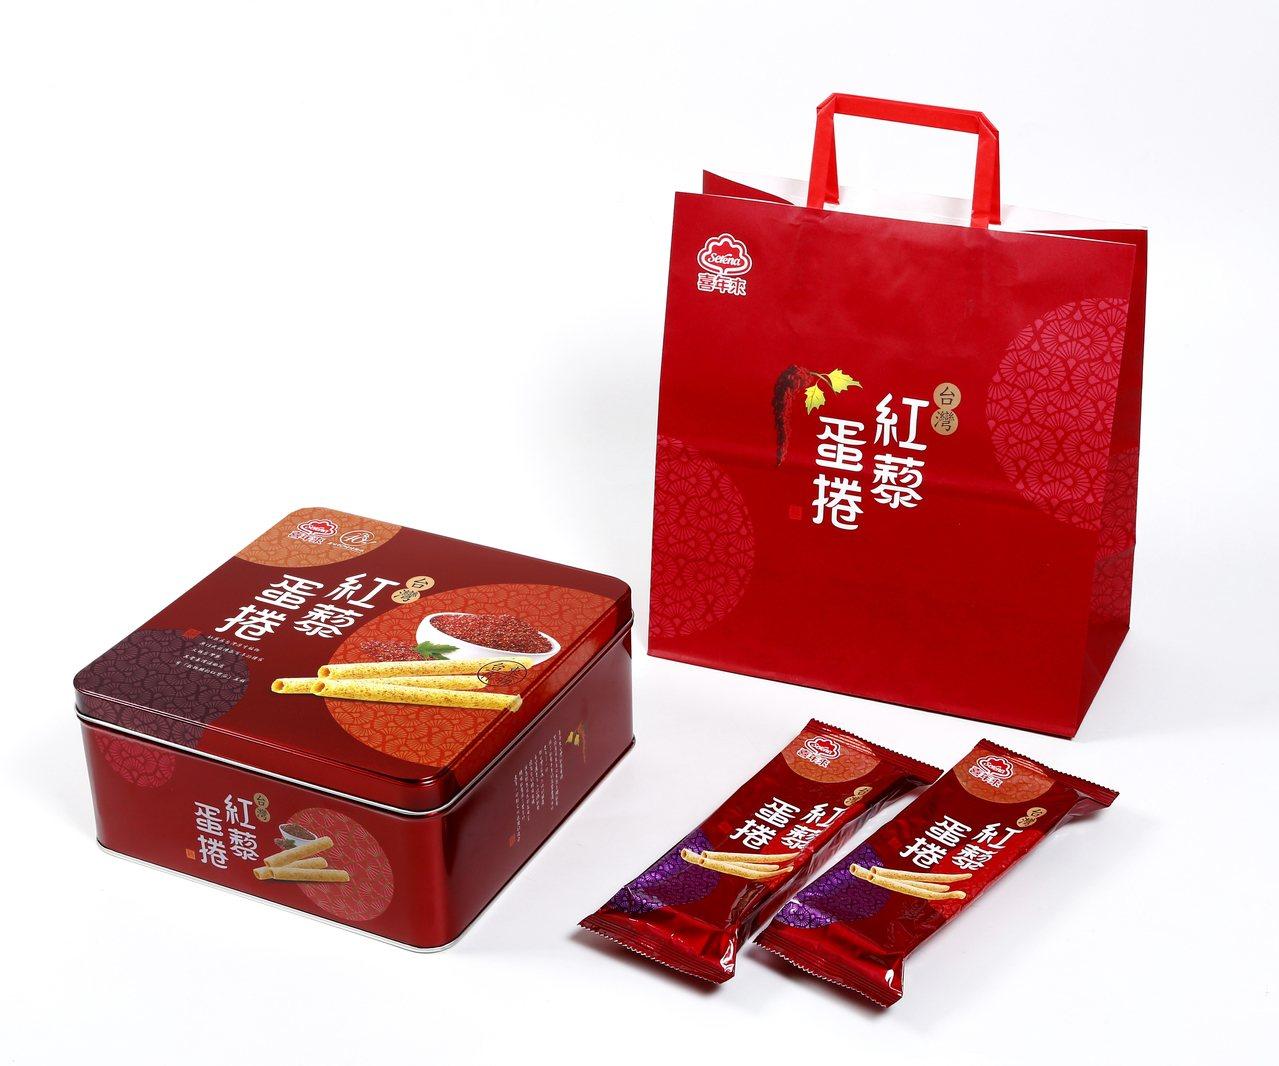 喜年來台灣紅藜蛋捲禮盒,大紅包裝送禮體面。圖/喜年來提供